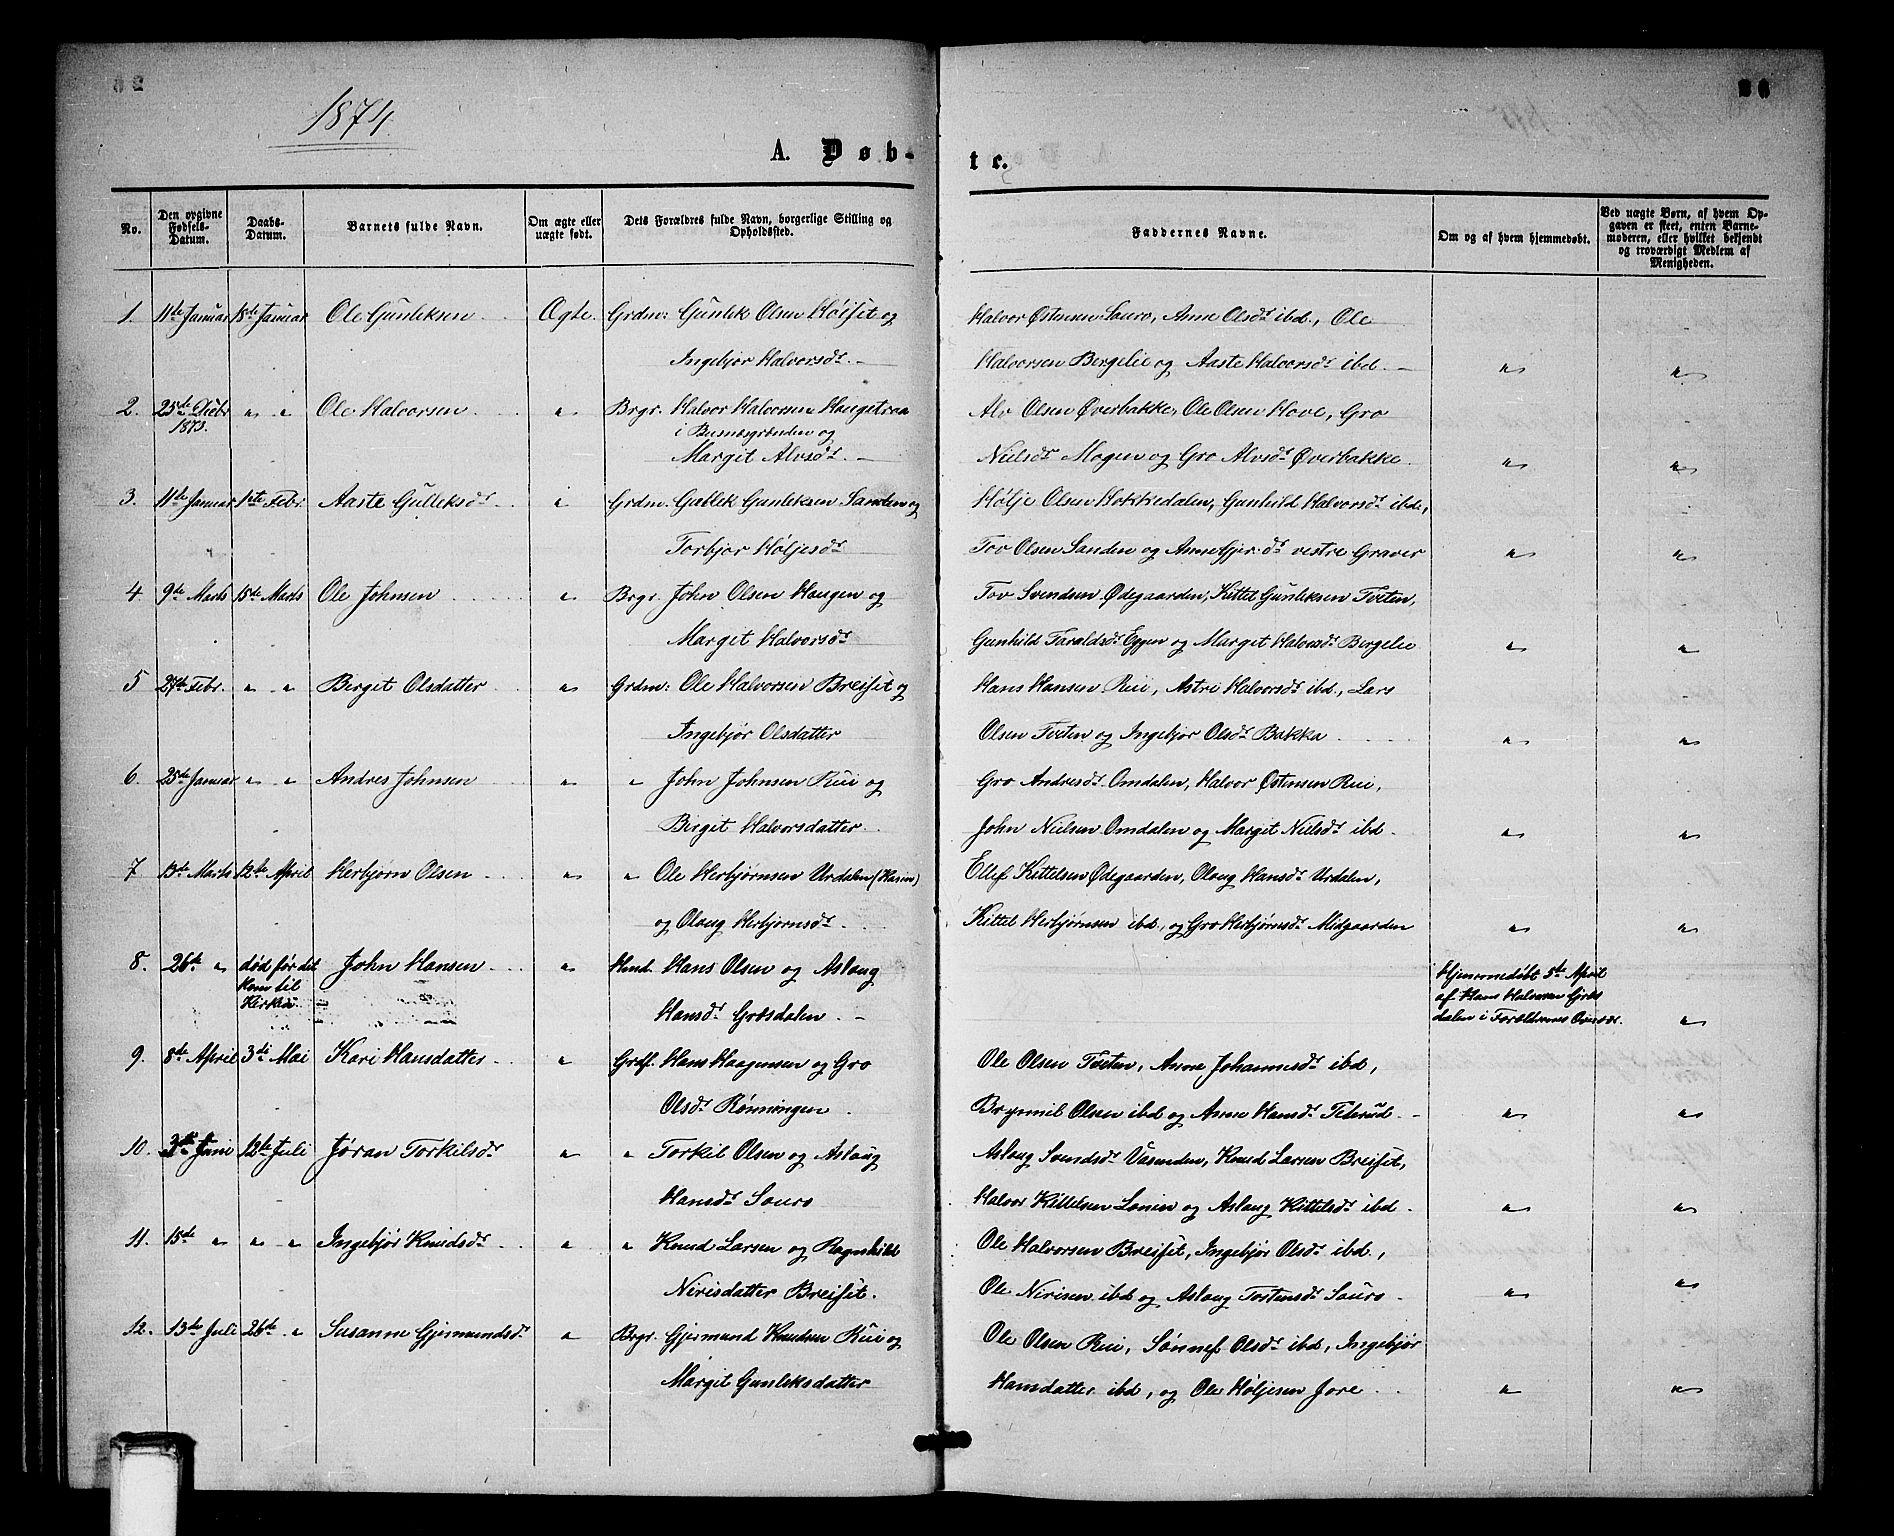 SAKO, Gransherad kirkebøker, G/Gb/L0002: Klokkerbok nr. II 2, 1860-1886, s. 26